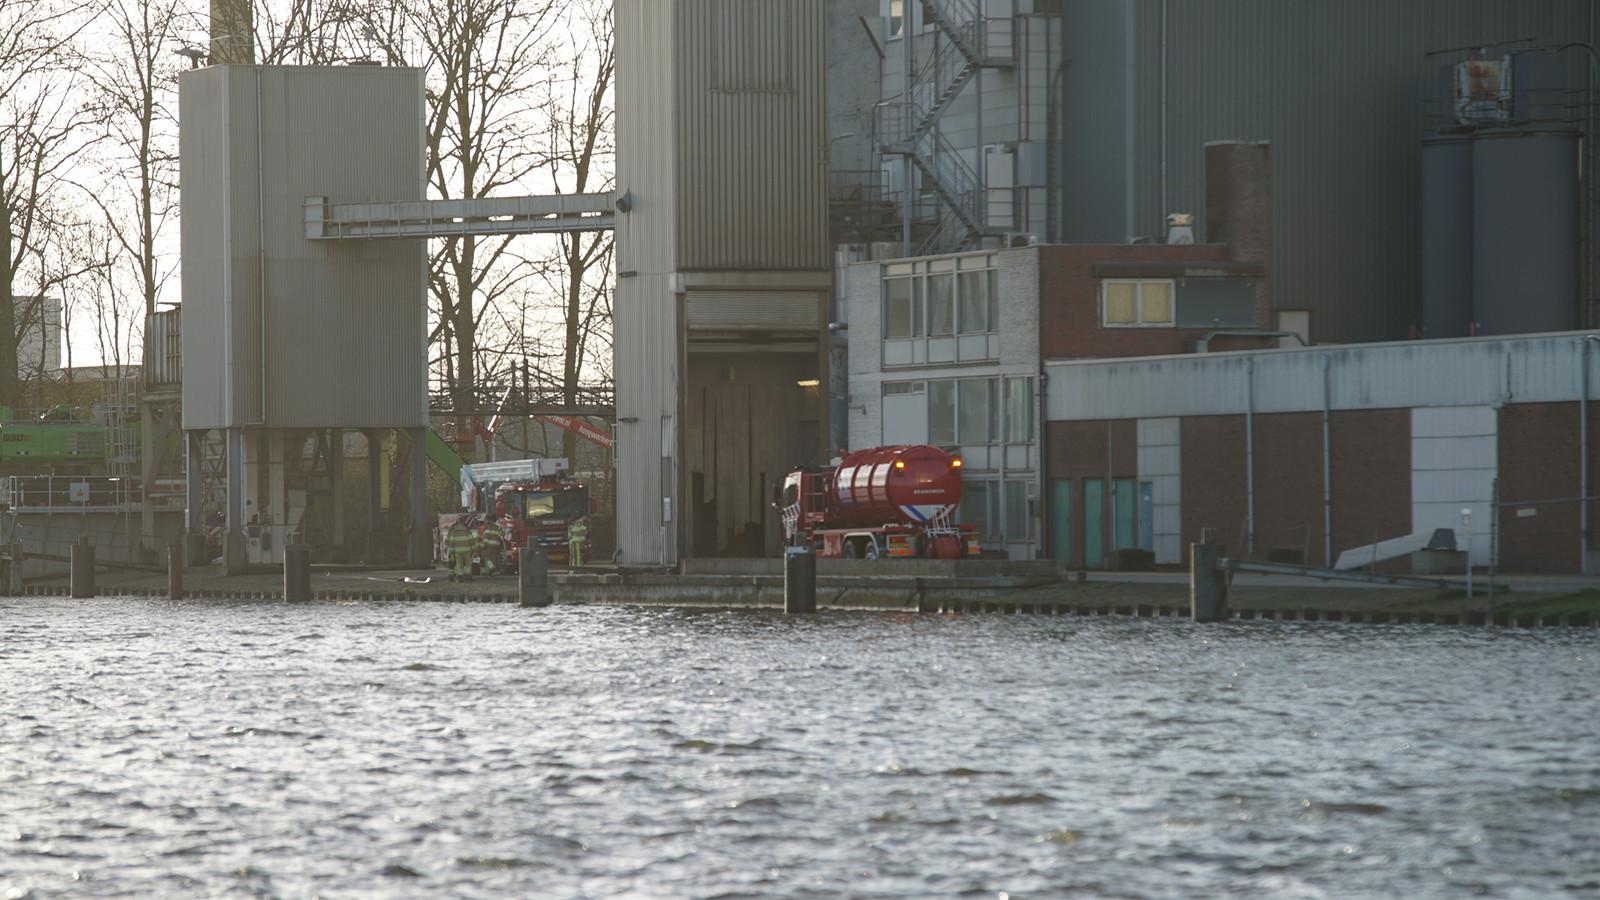 De brandweer is donderdag aan het einde van de middag uitgerukt voor een machinebrand bij het voormalige Hendrix UTD aan de Roermondstraat in Deventer.